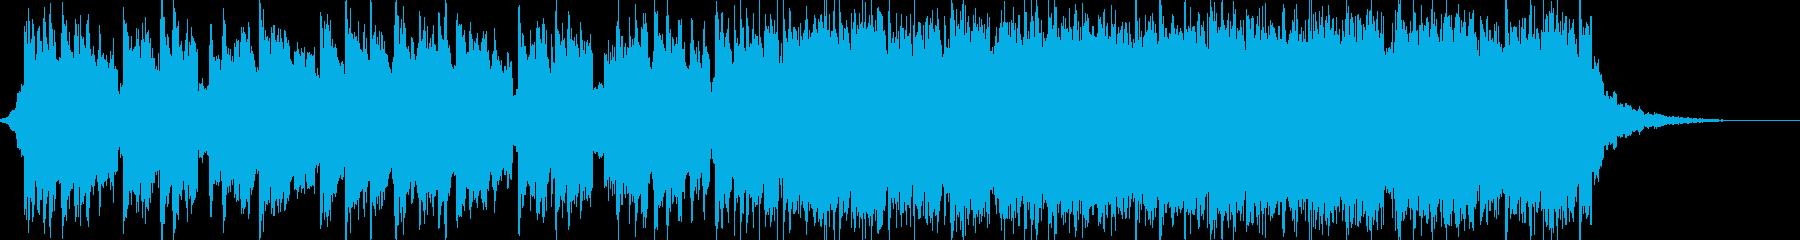 前向きでEDM系のポップ ショートの再生済みの波形